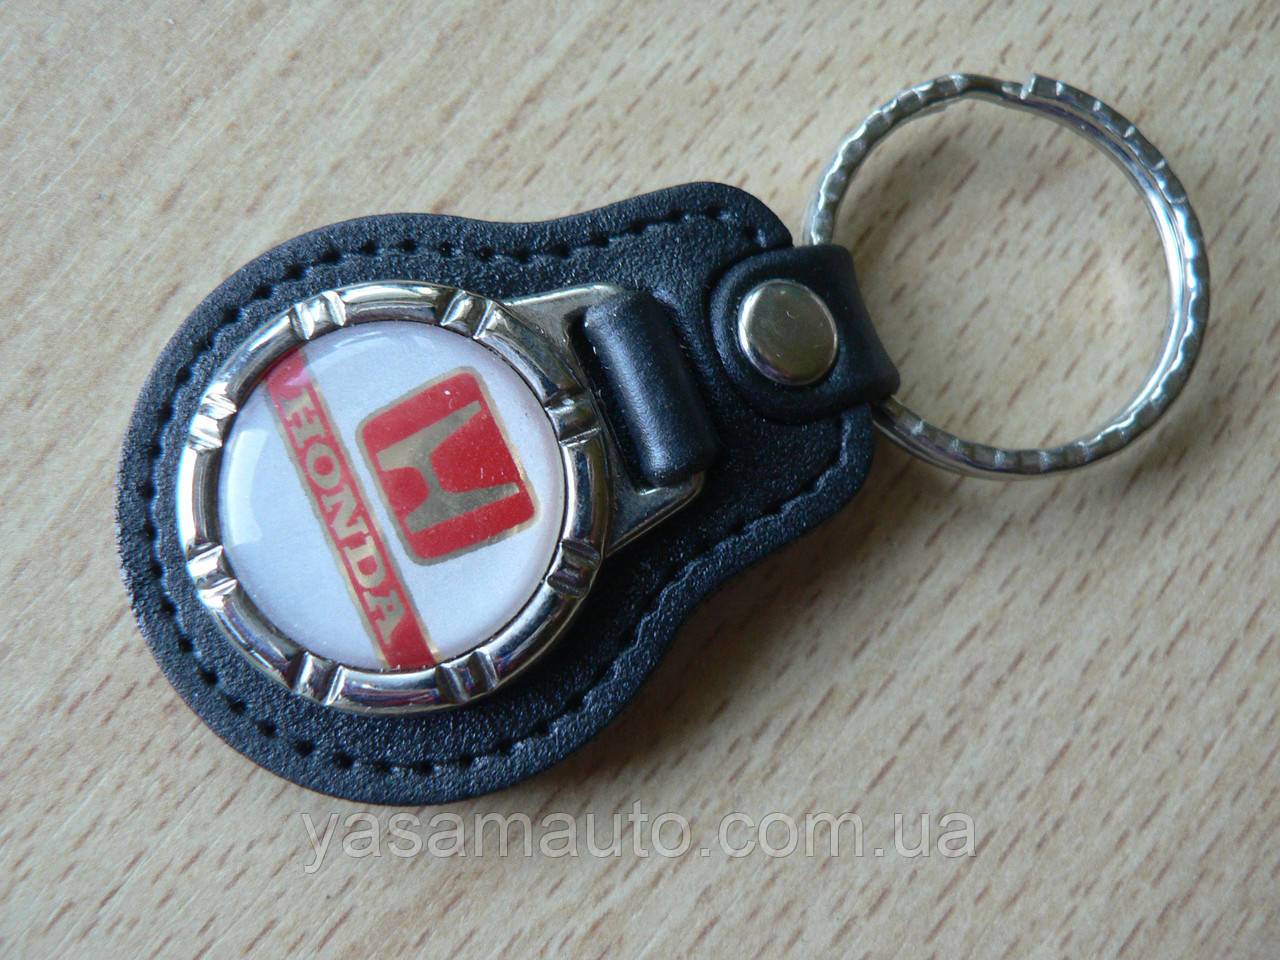 Брелок кожзам округлый HONDA  логотип эмблема Хонда автомобильный на авто ключи комбинированный